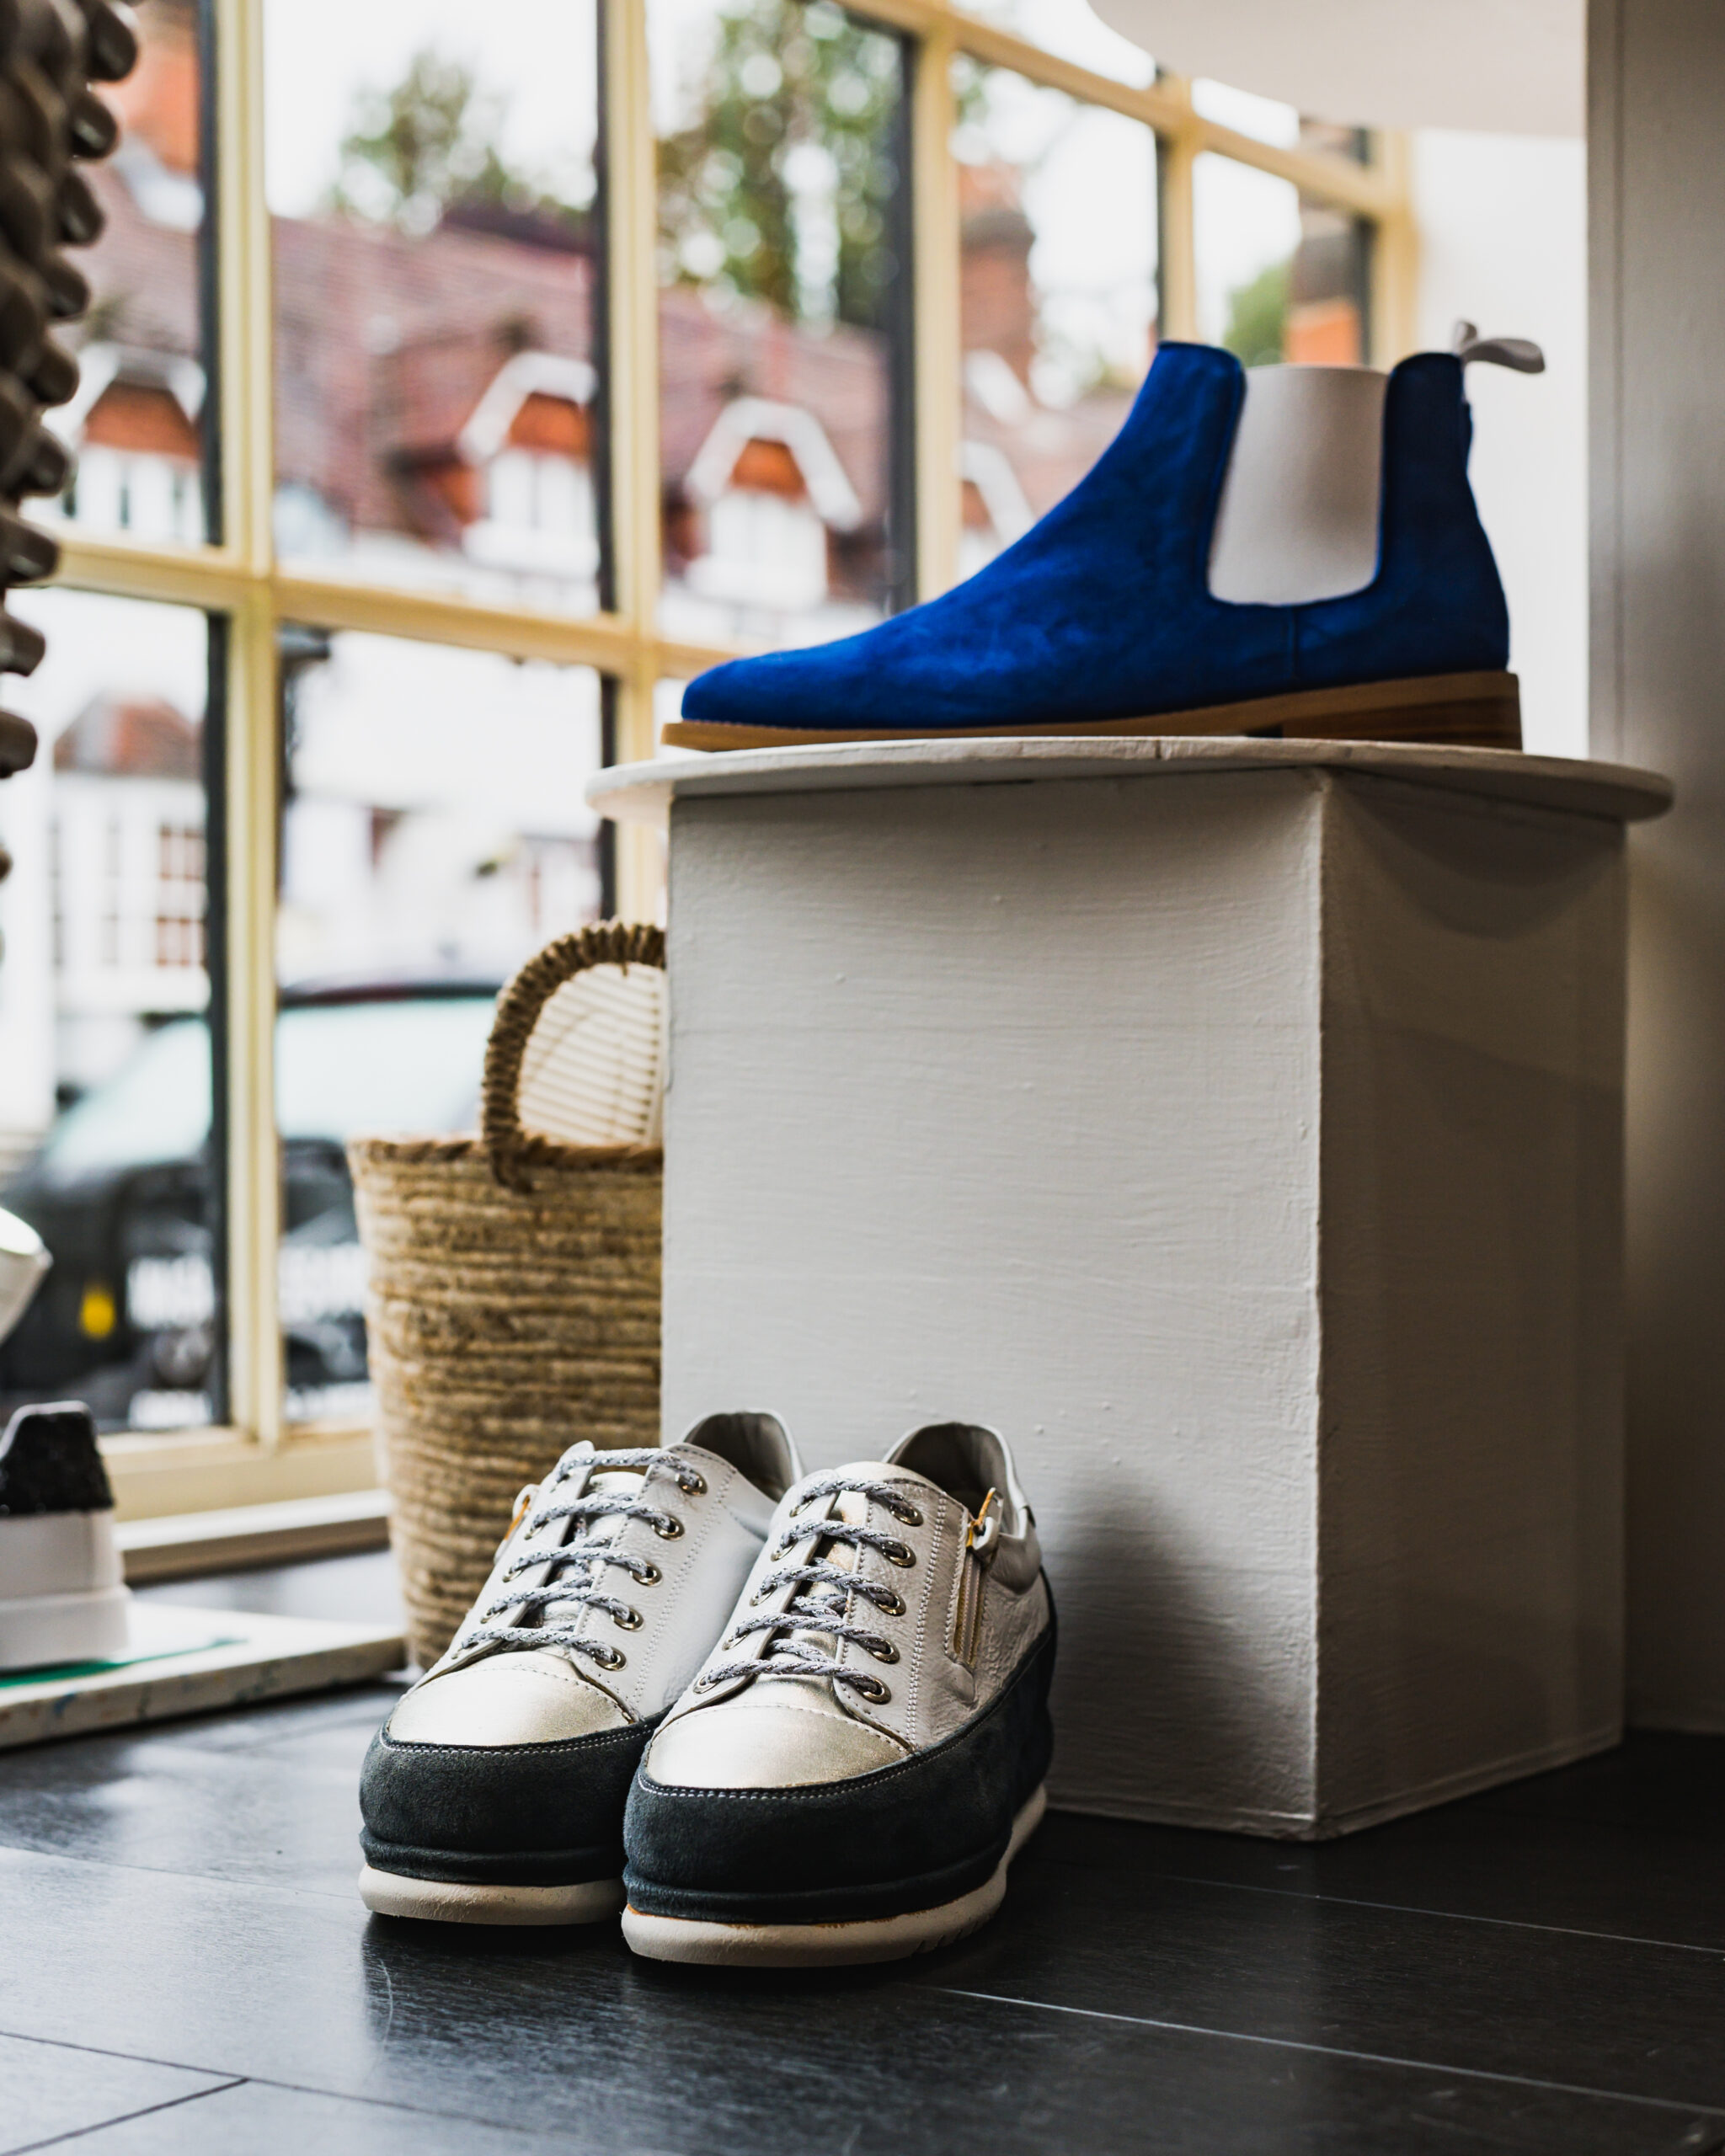 luigi shop front shoes